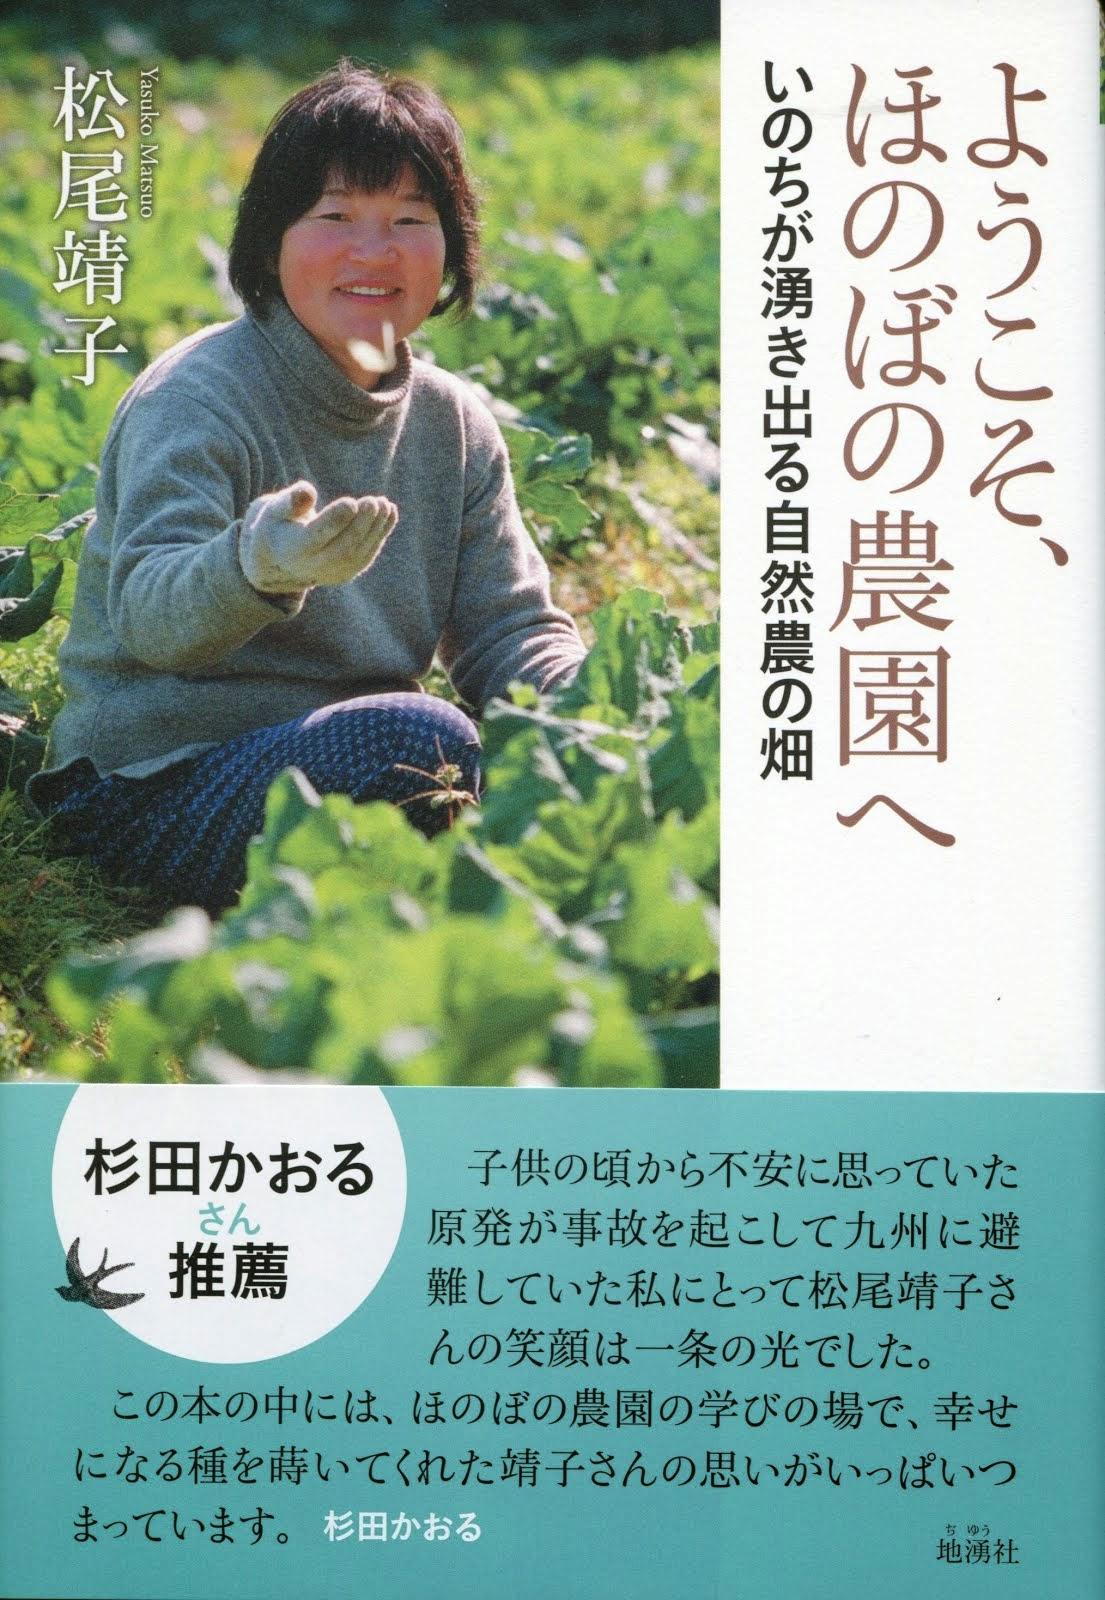 ●新刊『ようこそ、ほのぼの農園へ』